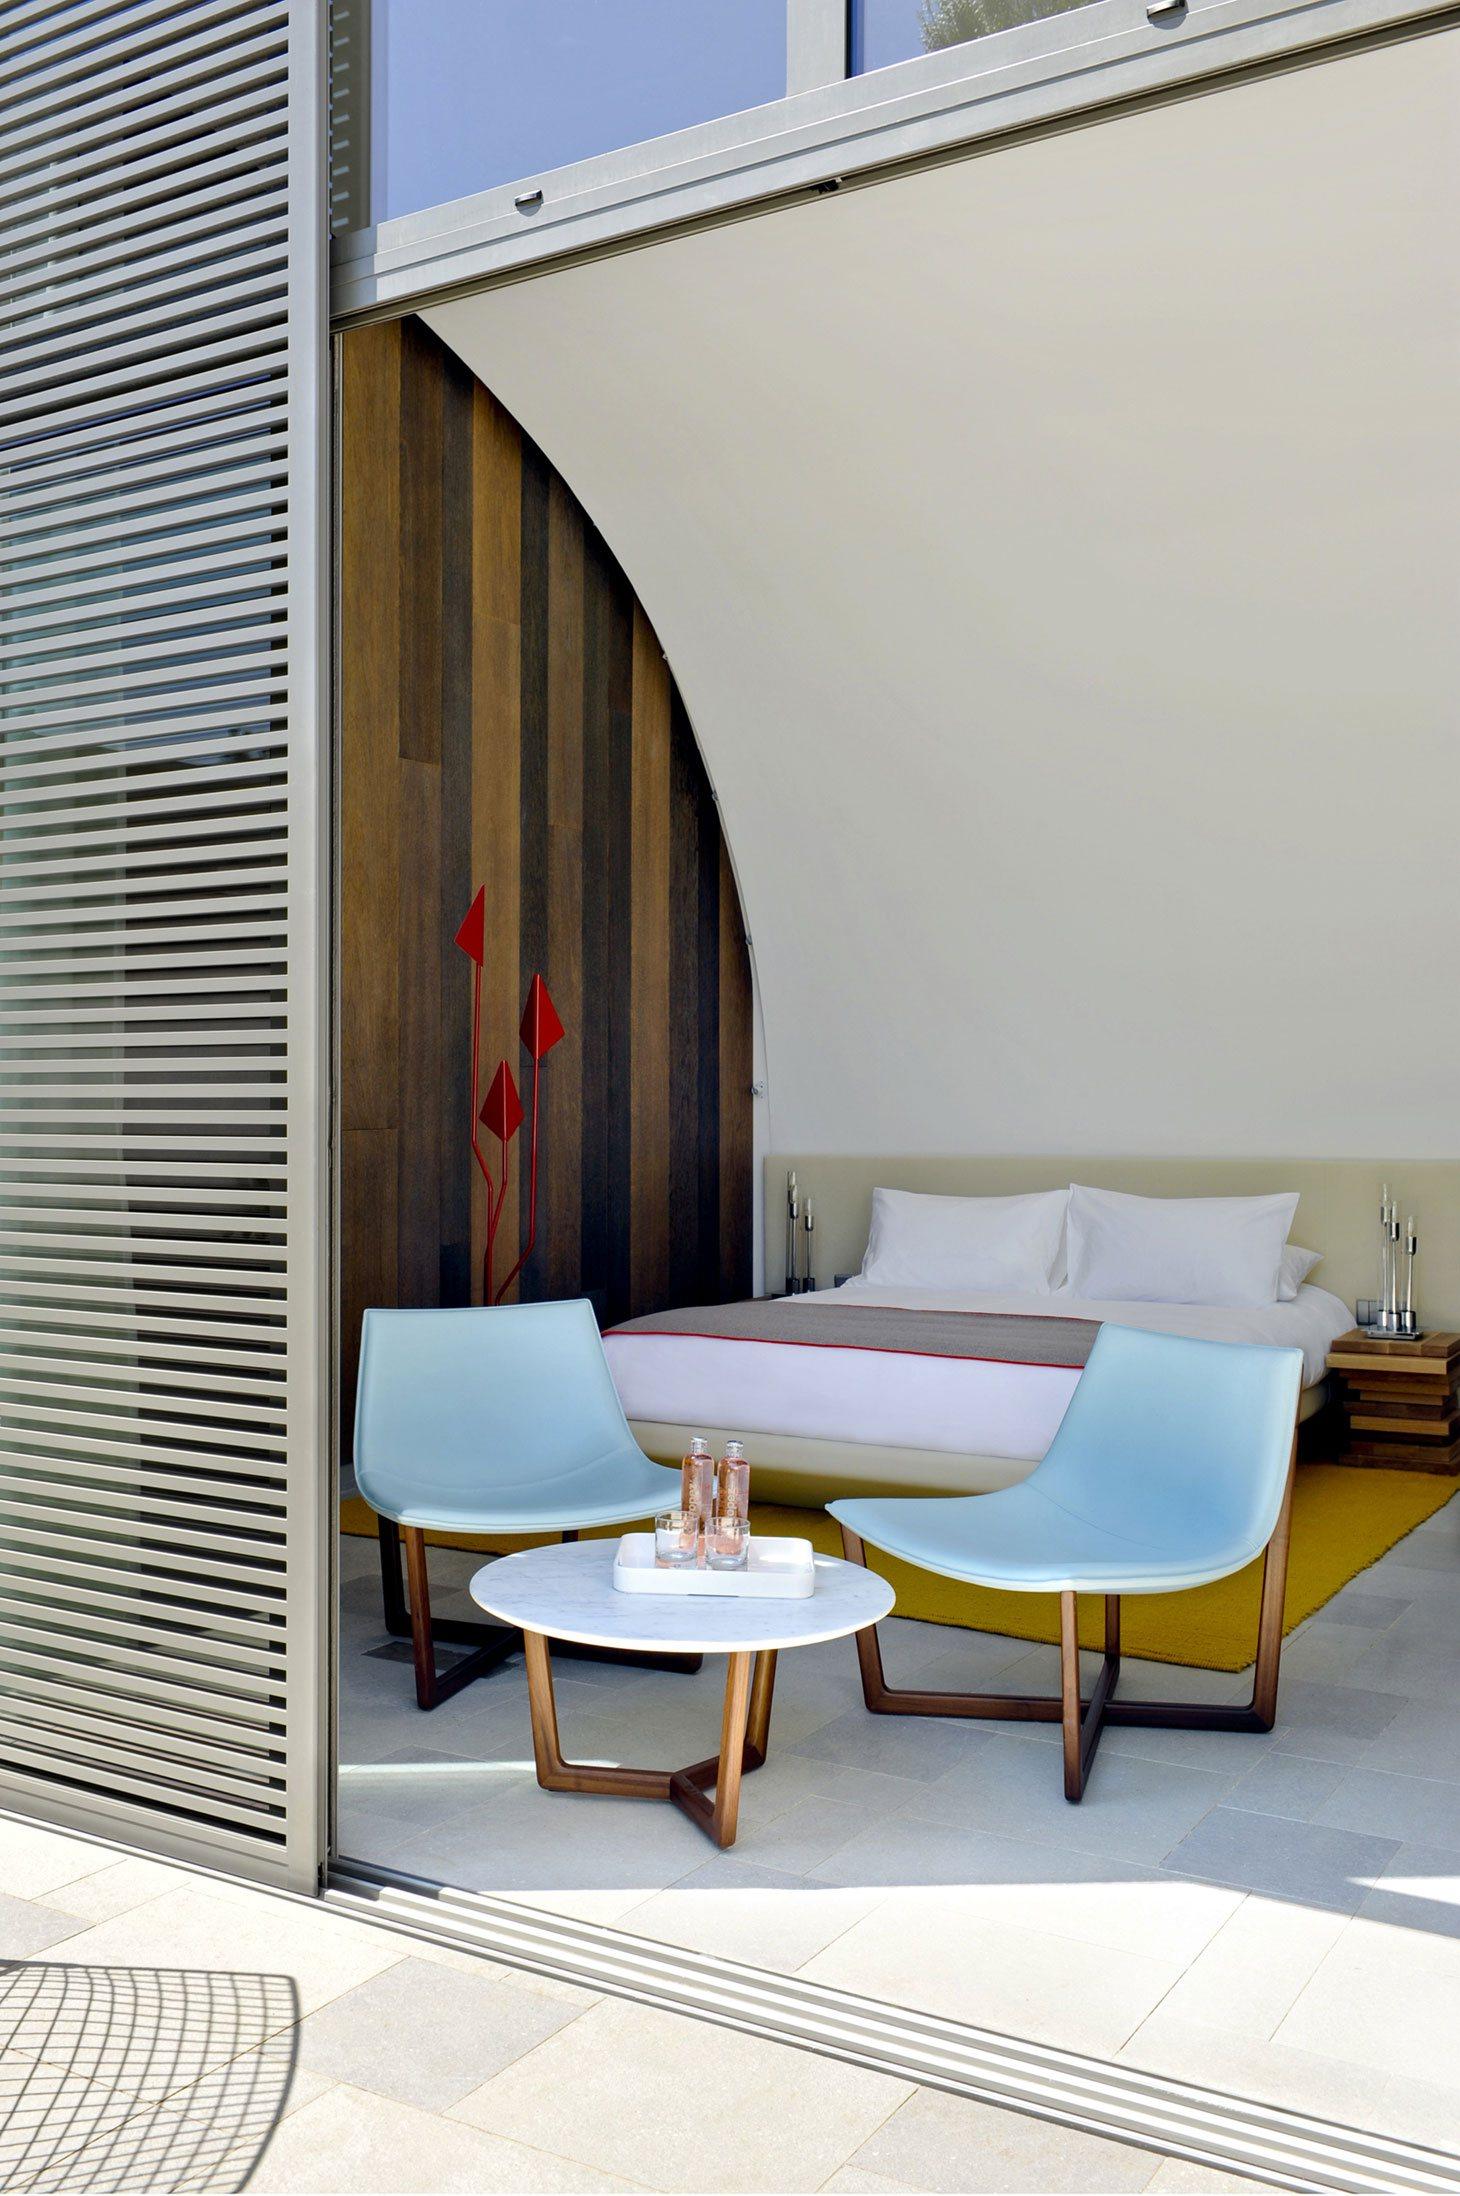 Hotel-Sezz-Saint-Tropez-11